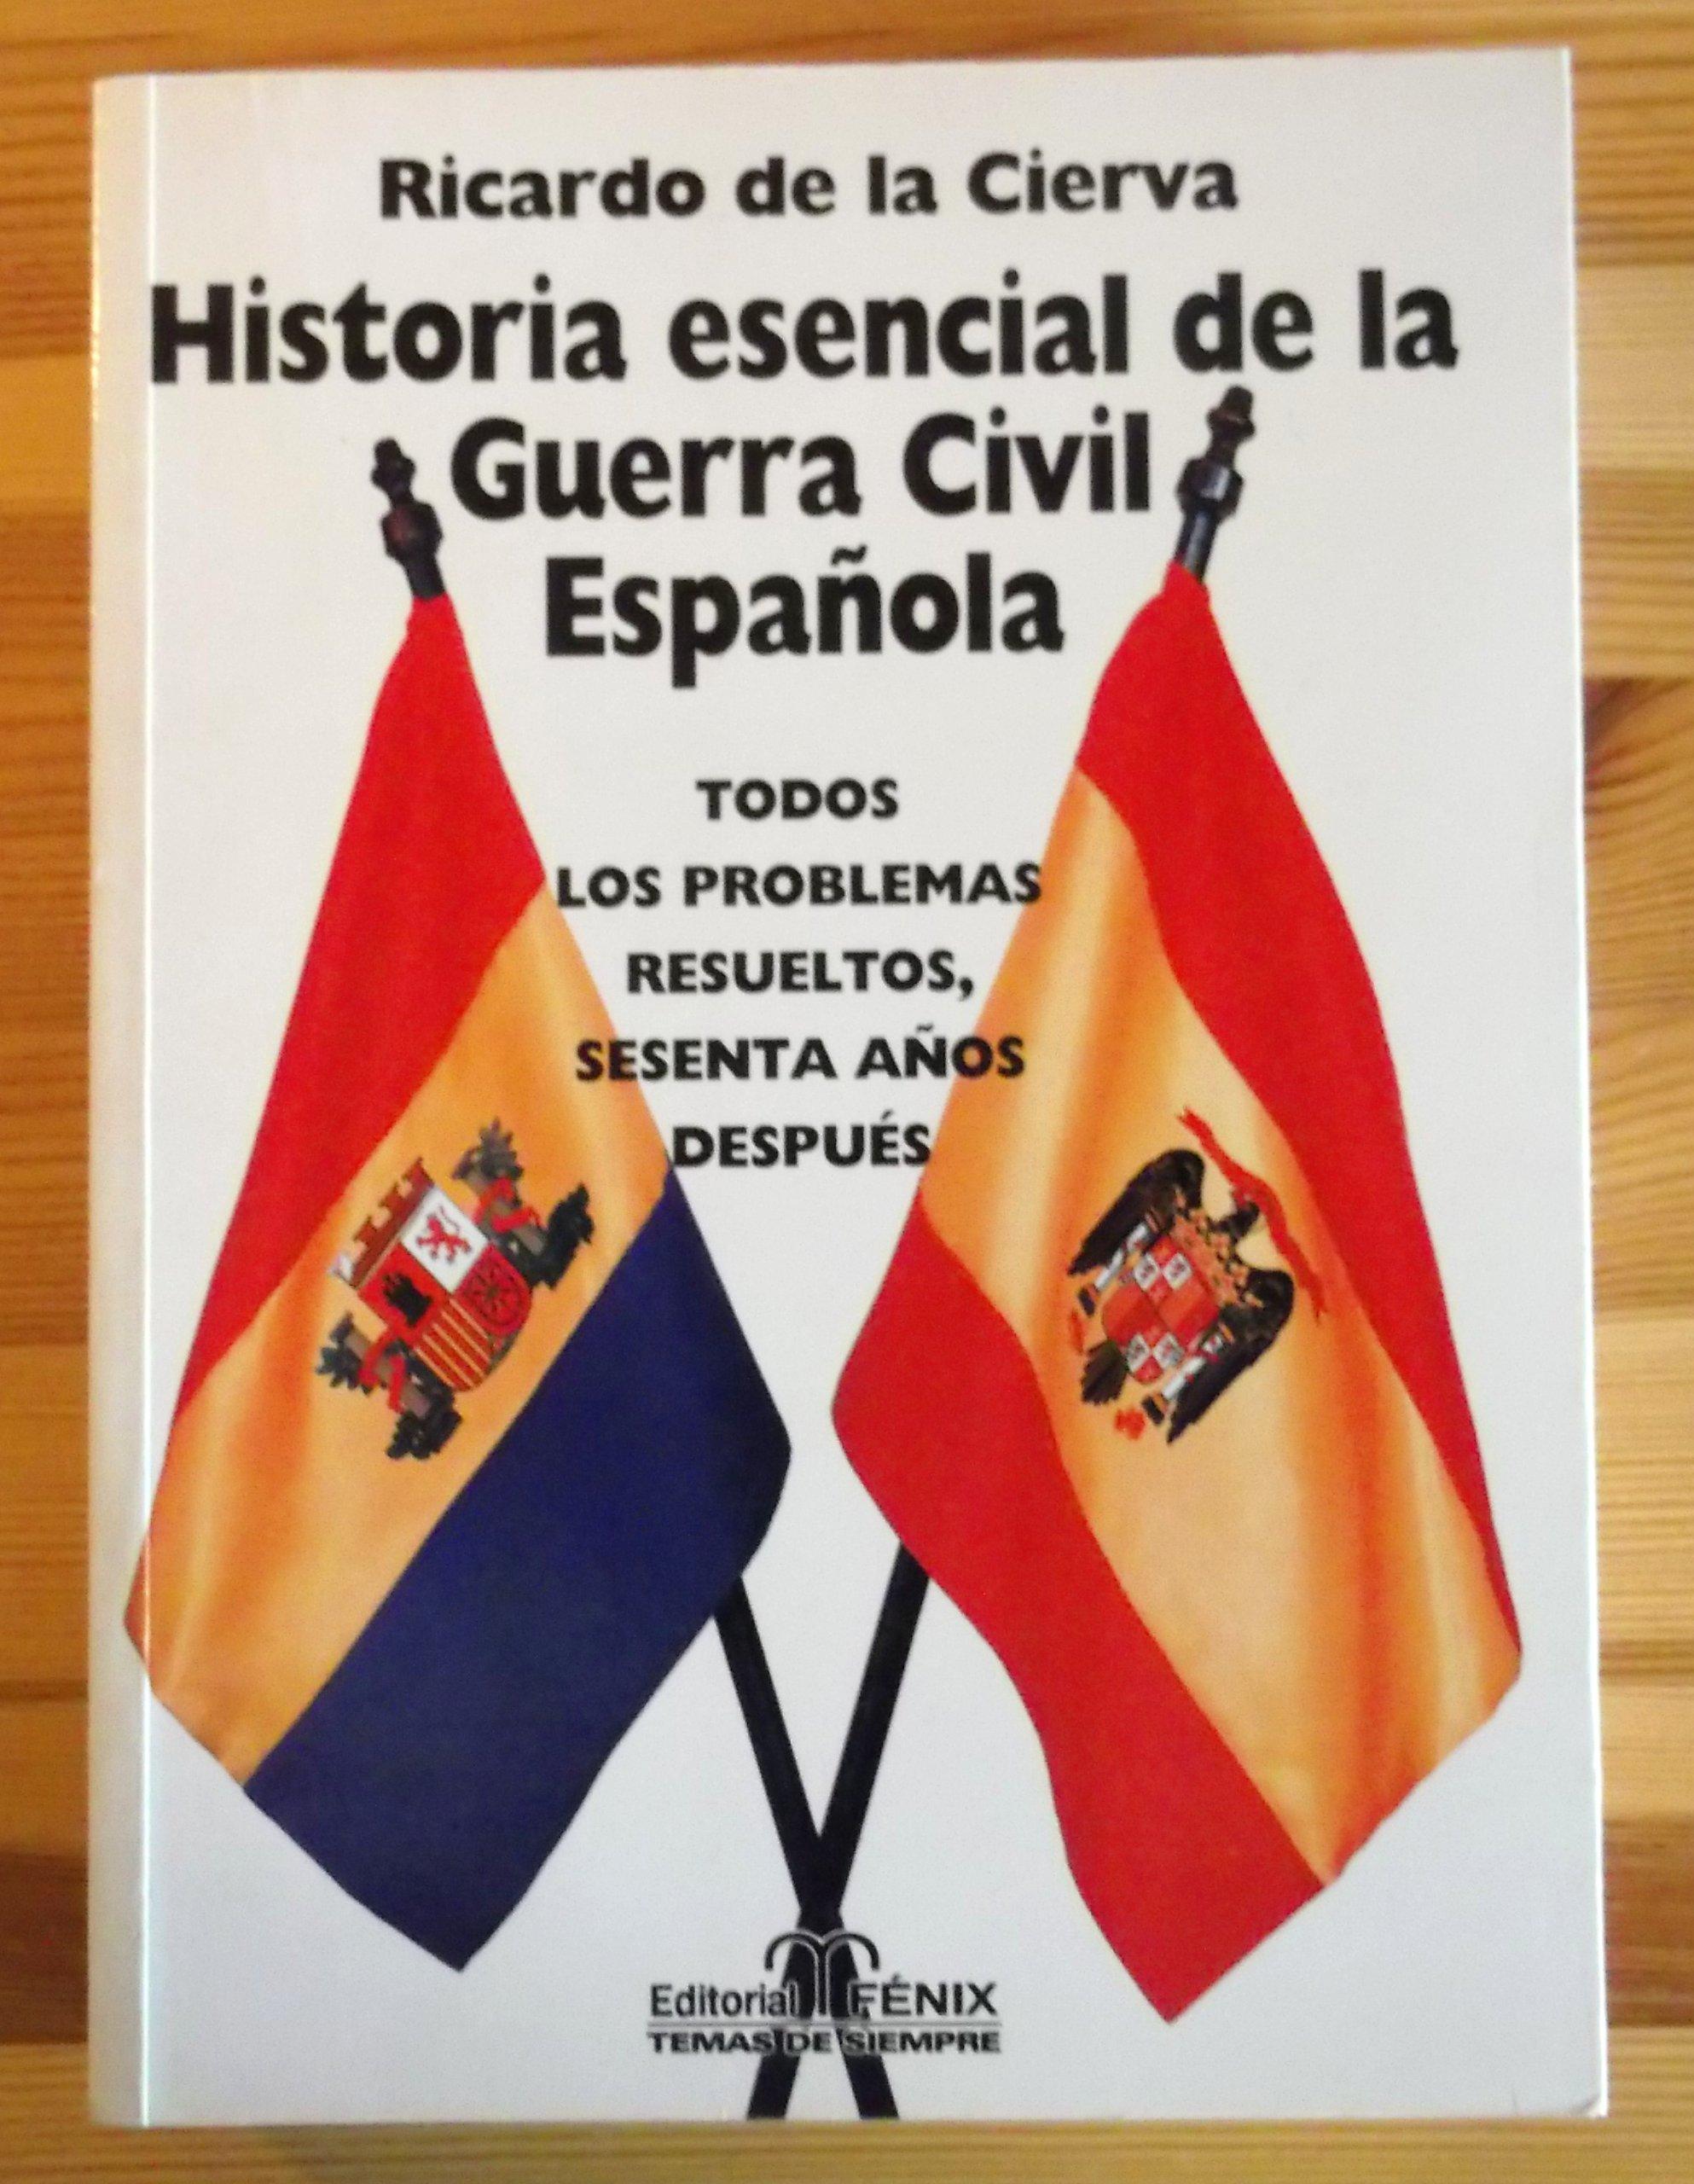 Historia esencial de la Guerra Civil española: Amazon.es: Ricardo de la Cierva: Libros